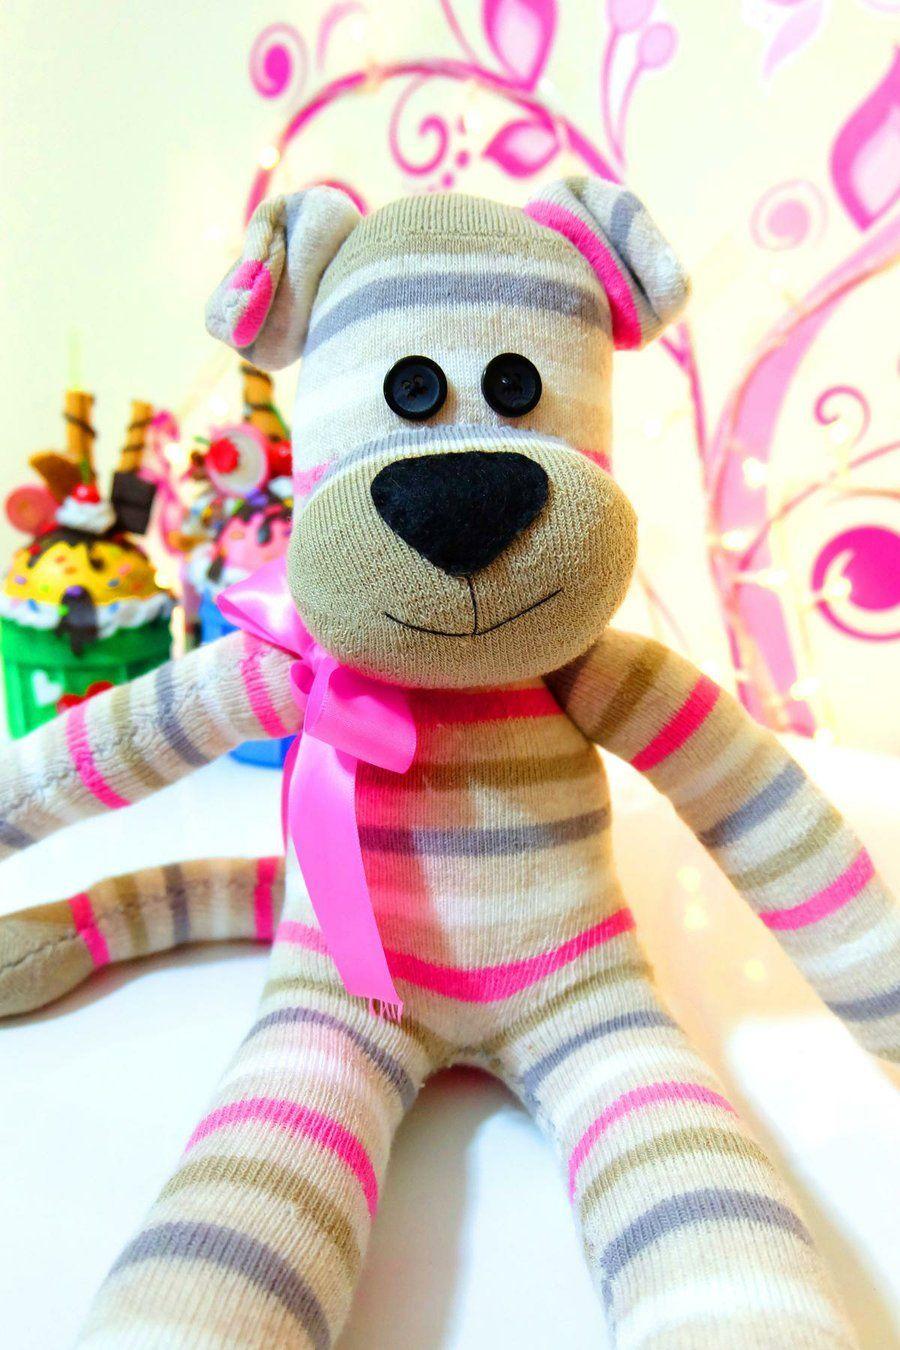 Haz Un Perro De Peluche Con Calcetines Perros De Peluche Munecos Con Calcetines Calcetin De Animales